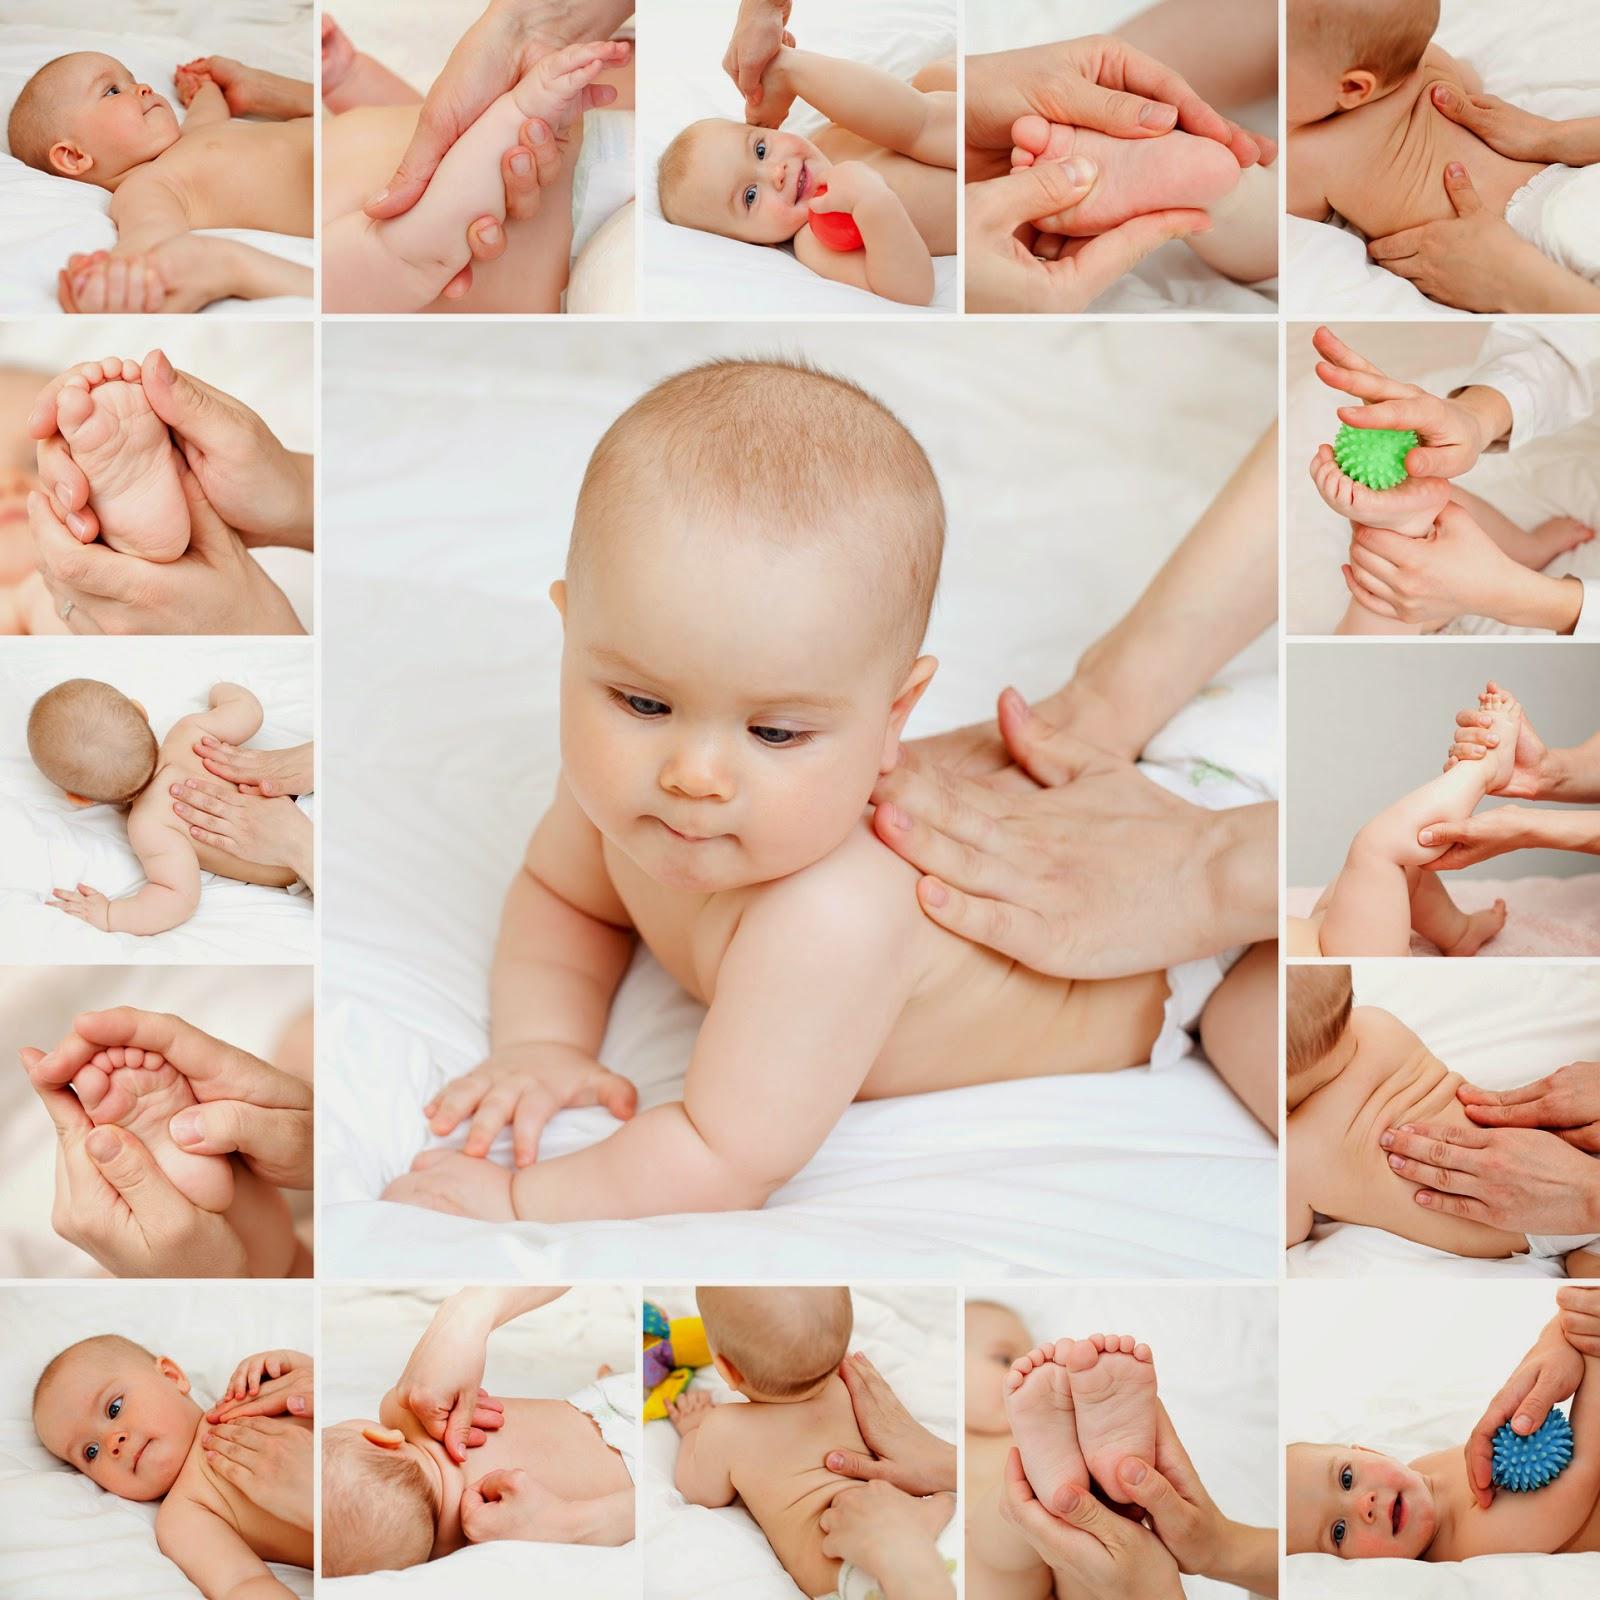 Bebeklerin Acıktığı Nasıl Anlaşılır